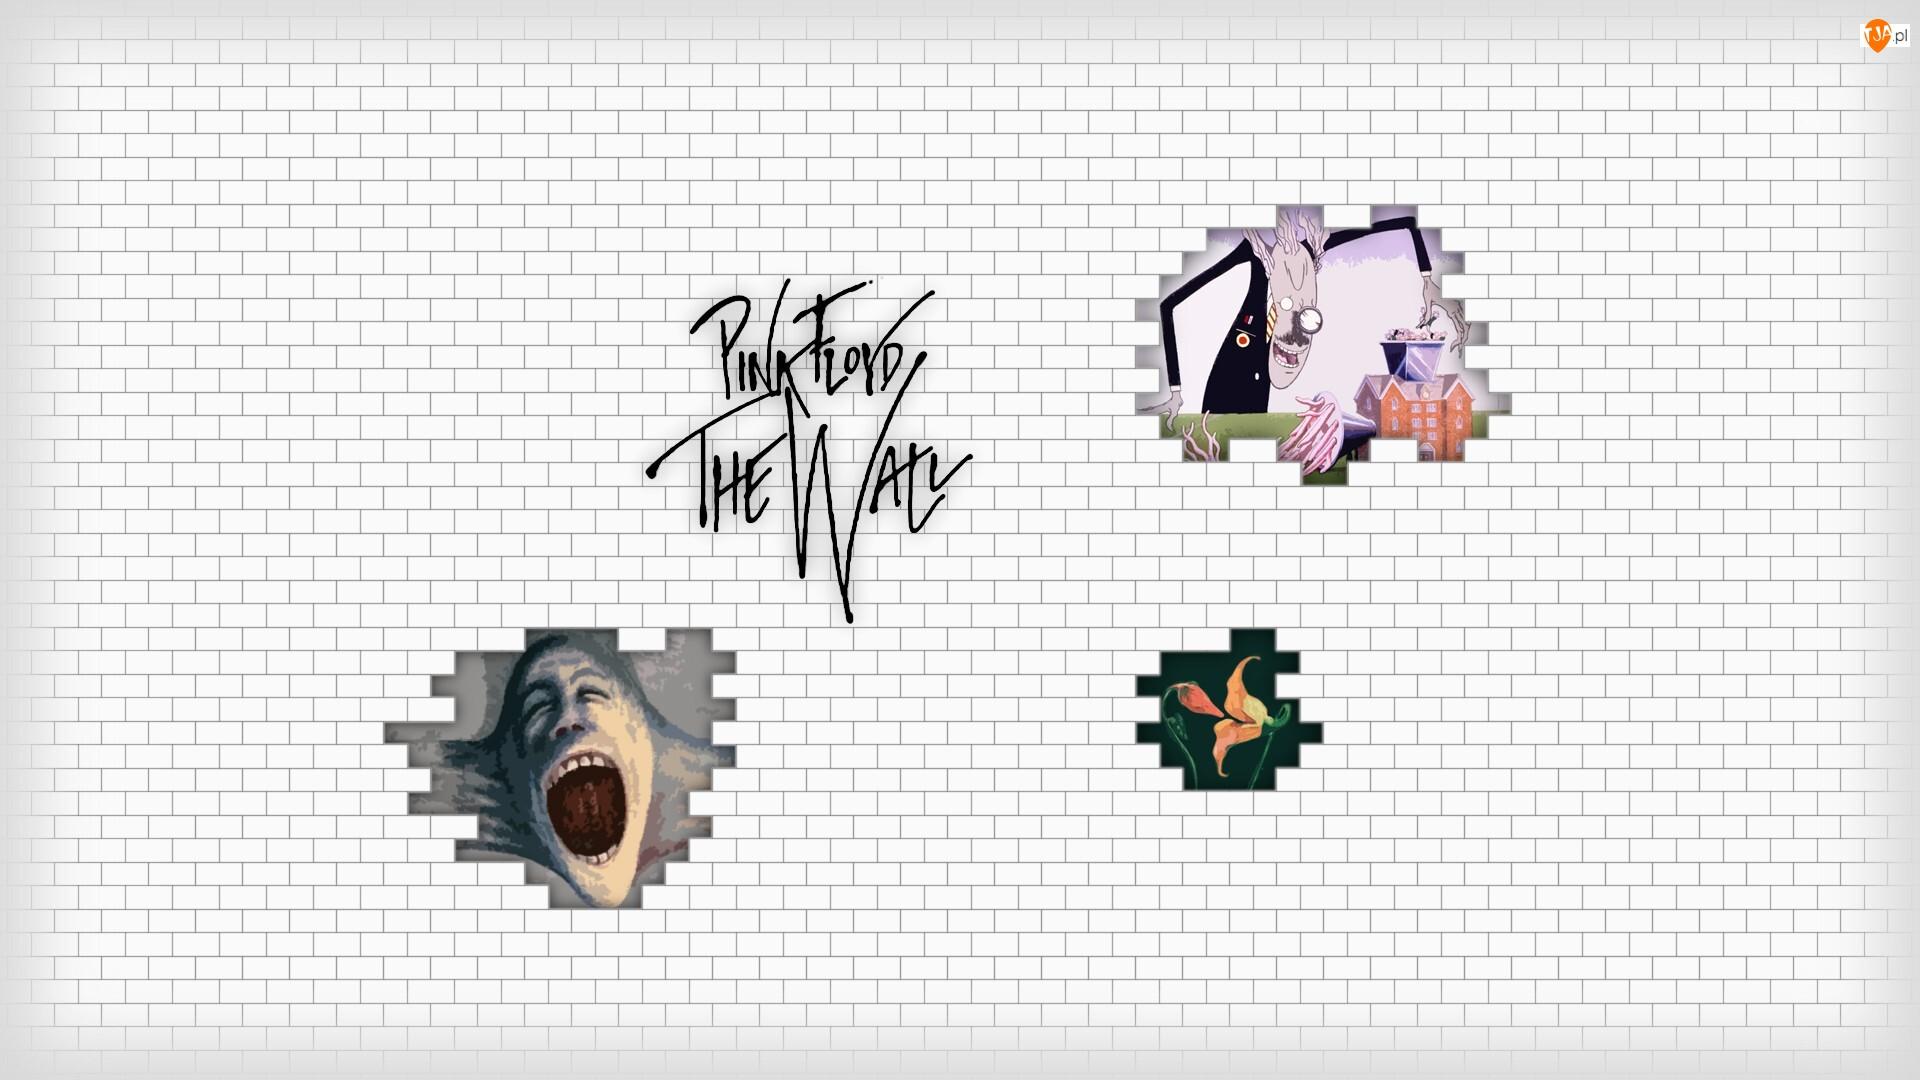 Inspiracja, Grafika, The Wall, Pink Floyd, Płyta